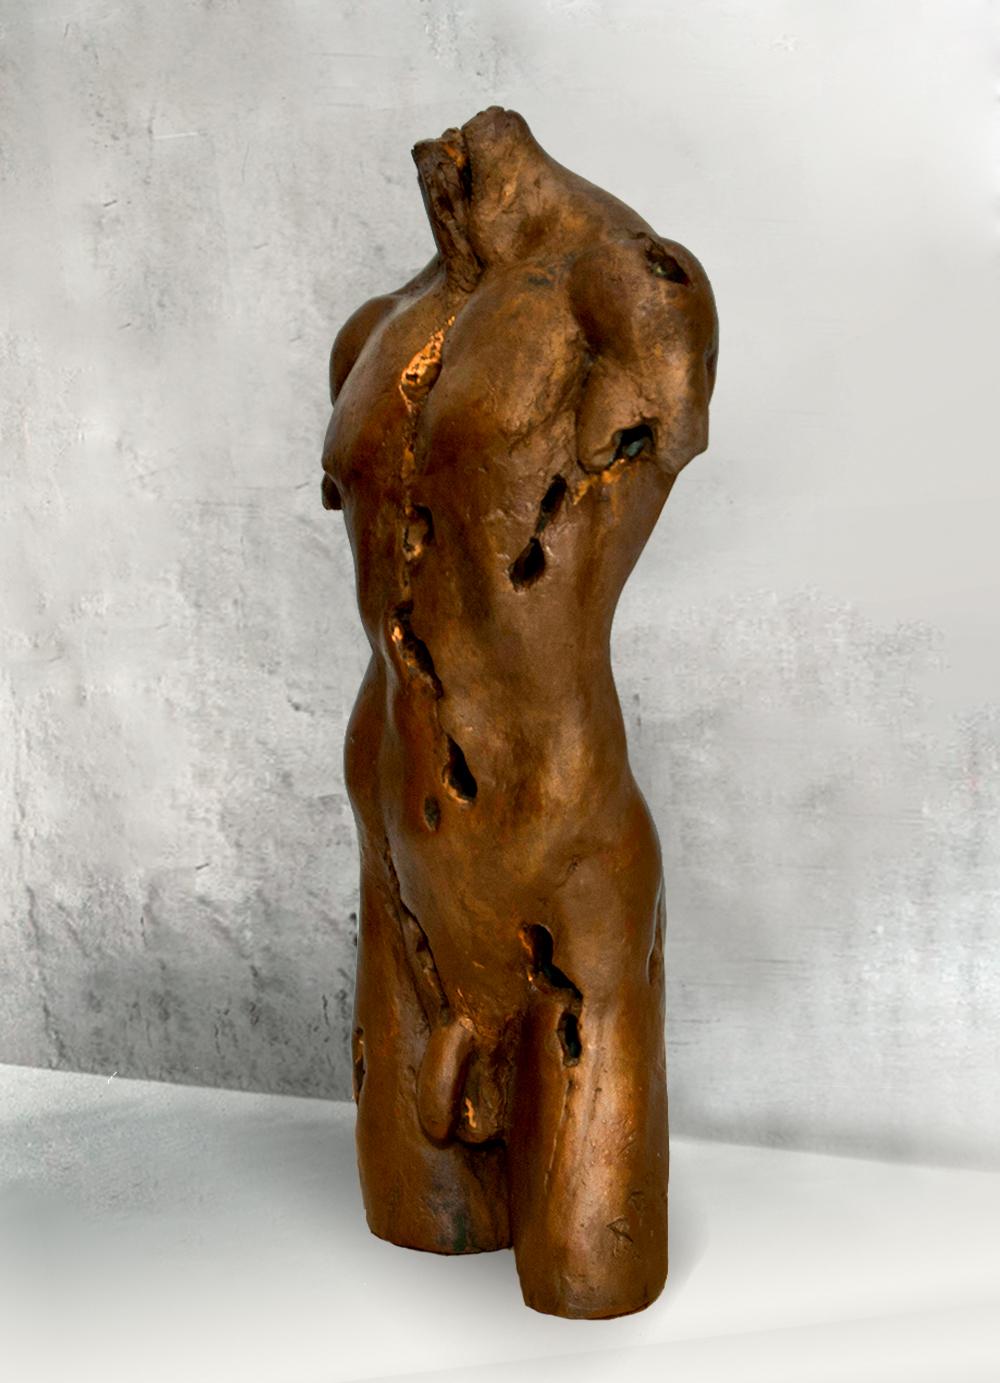 Escultura-Torso-Masculino-Bronce-B-C.Danone-RD.Escultor